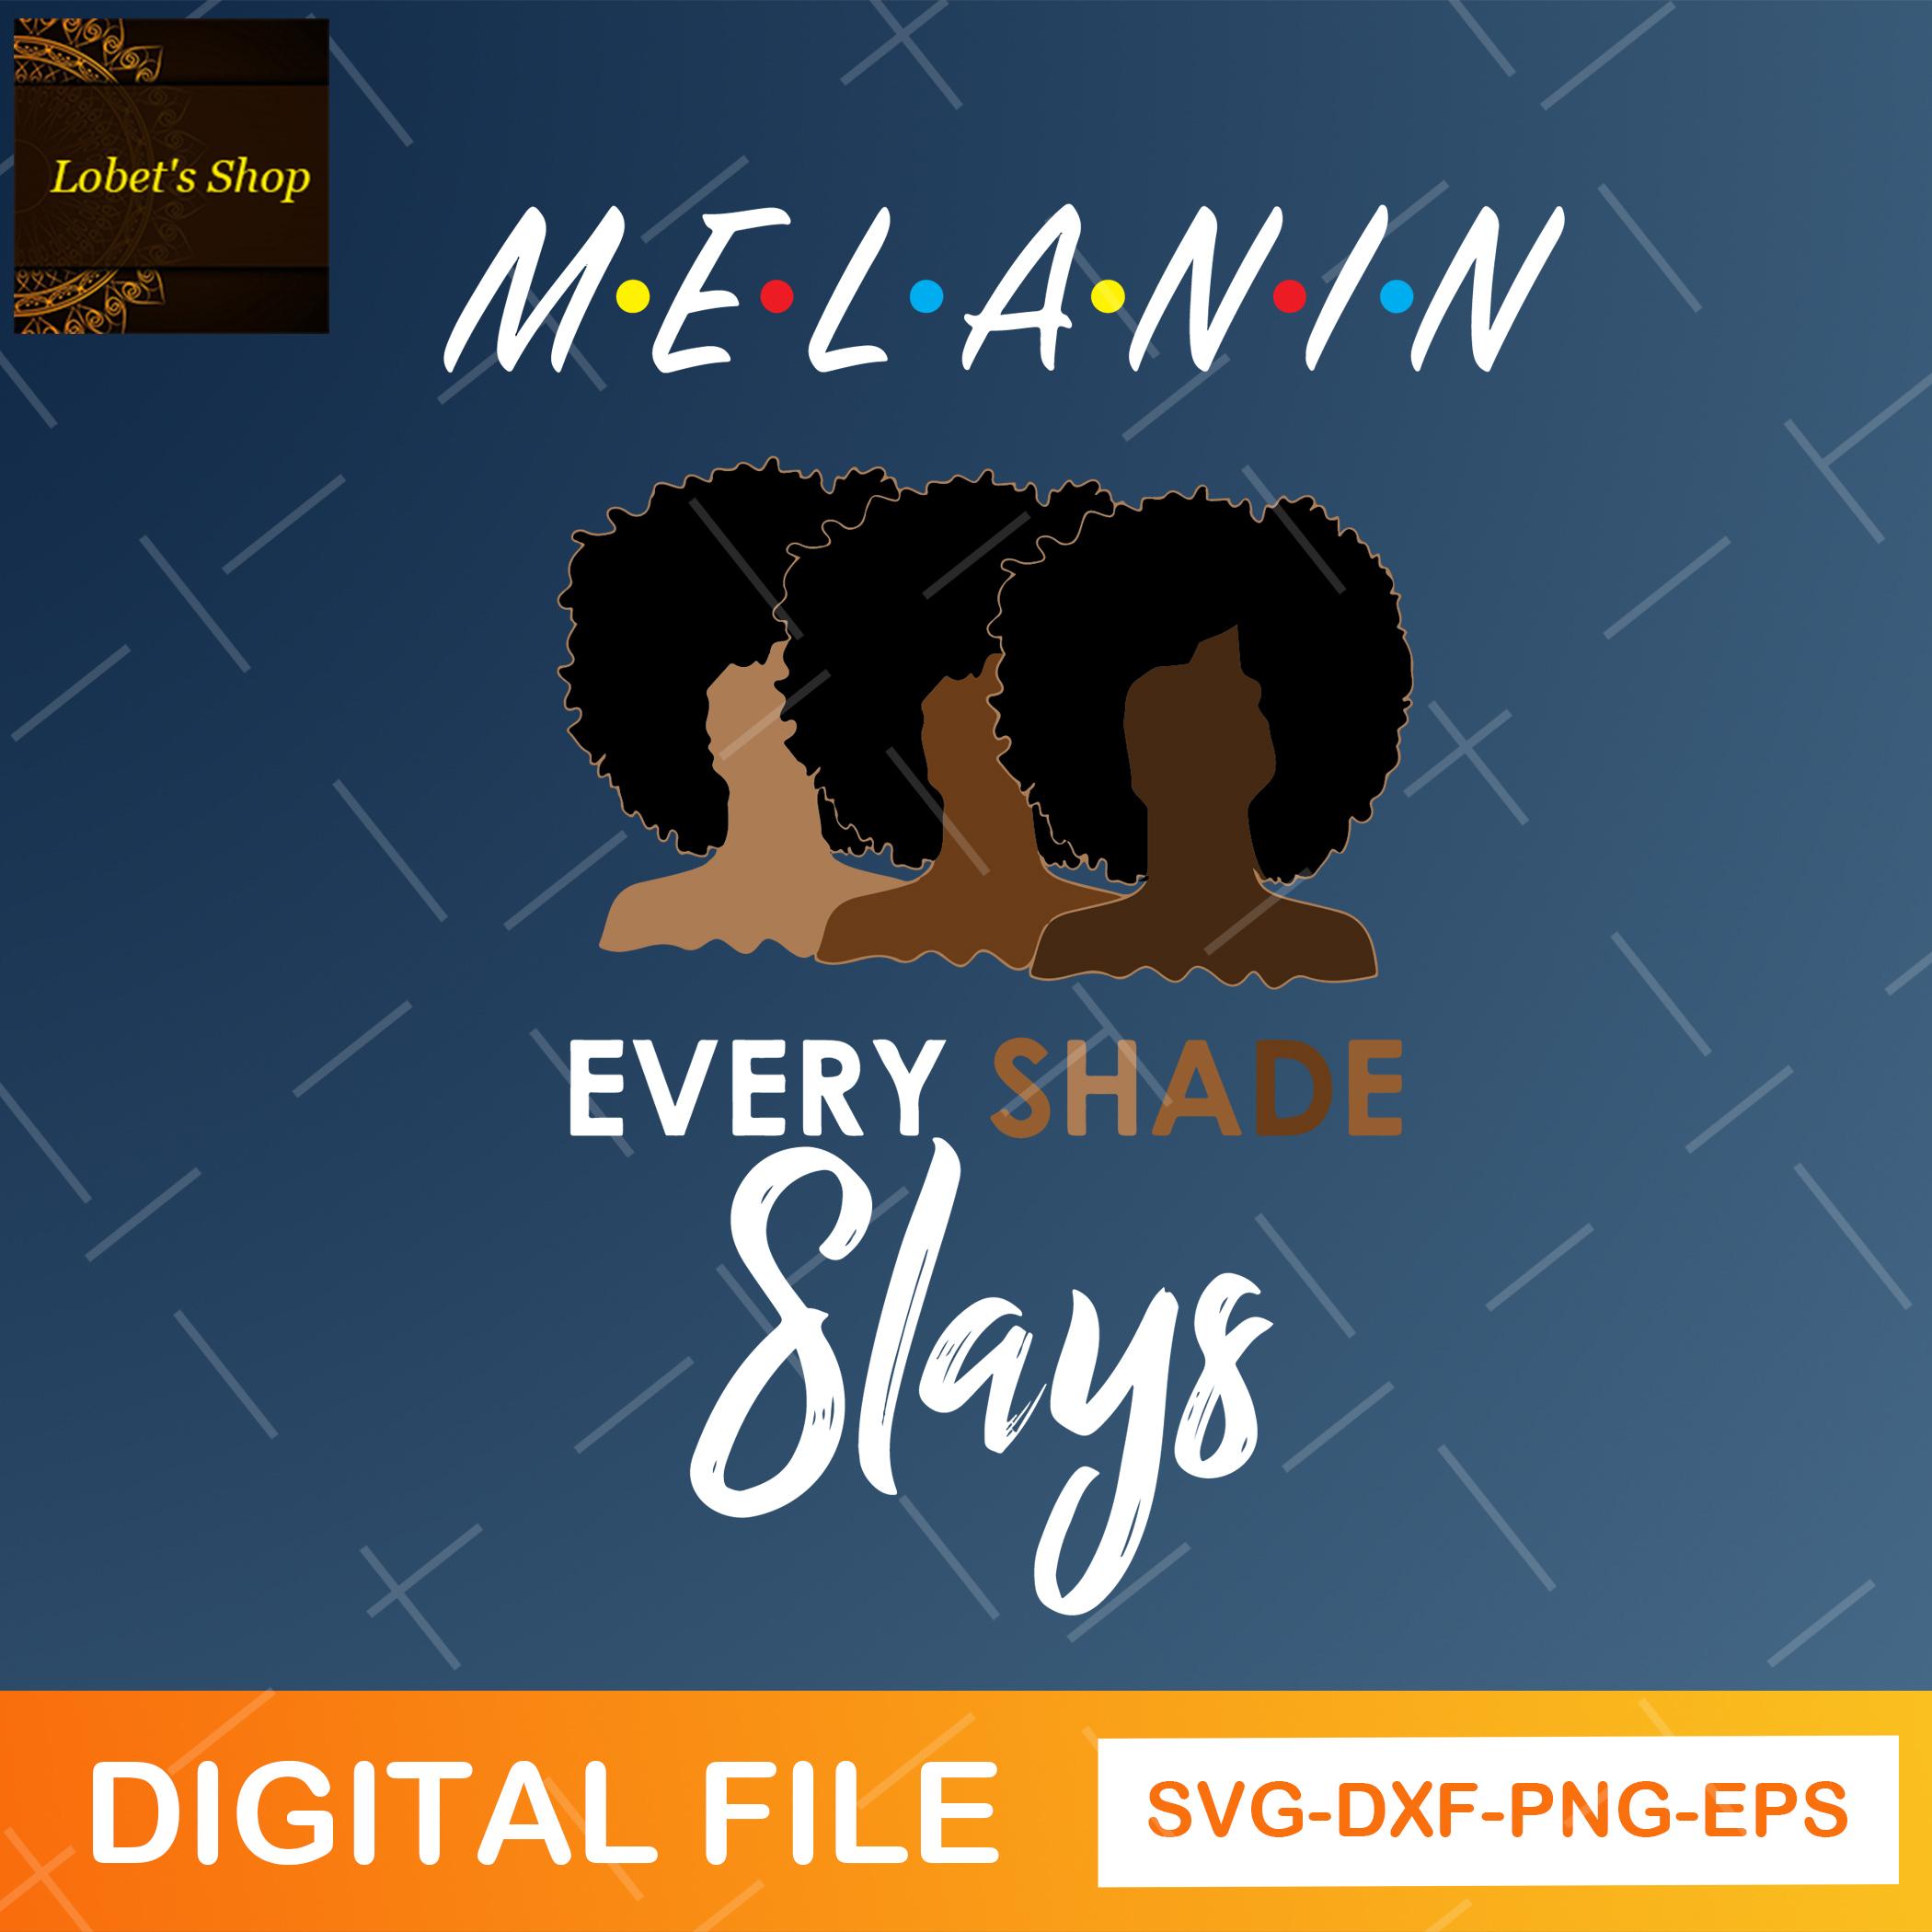 Melanin Every Shade Slays SVG, PNG, Natural Hair Black Women